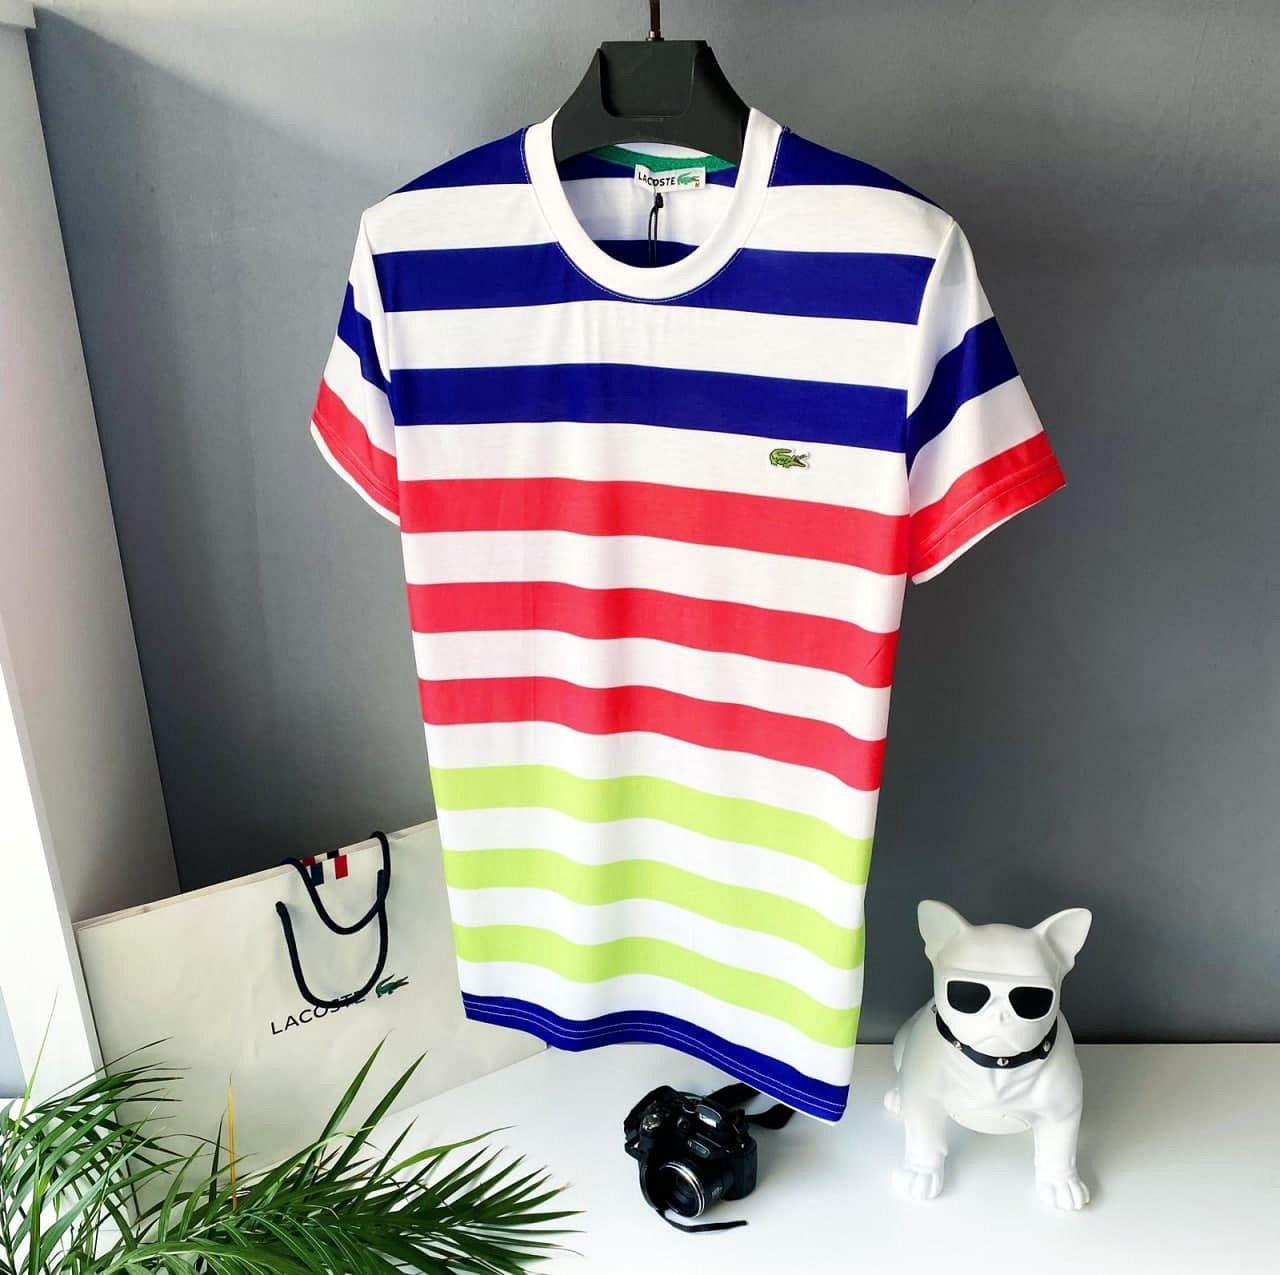 Чоловіча біла футболка, лакост